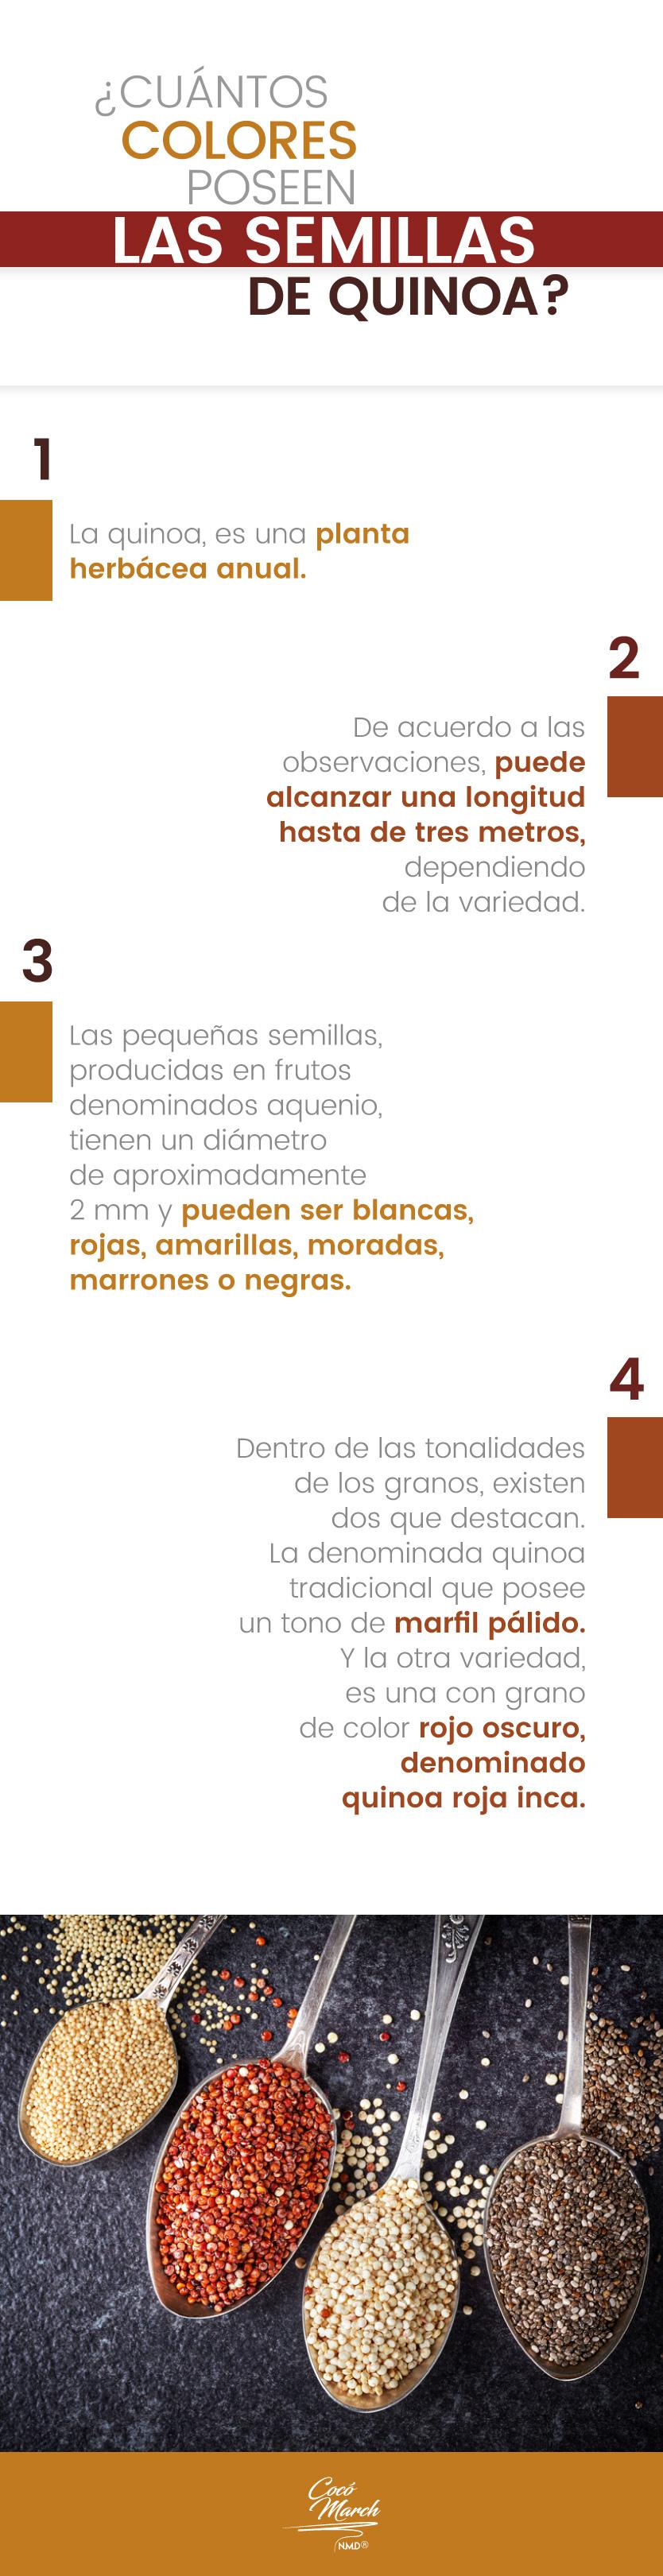 semillas-de-la-quinoa